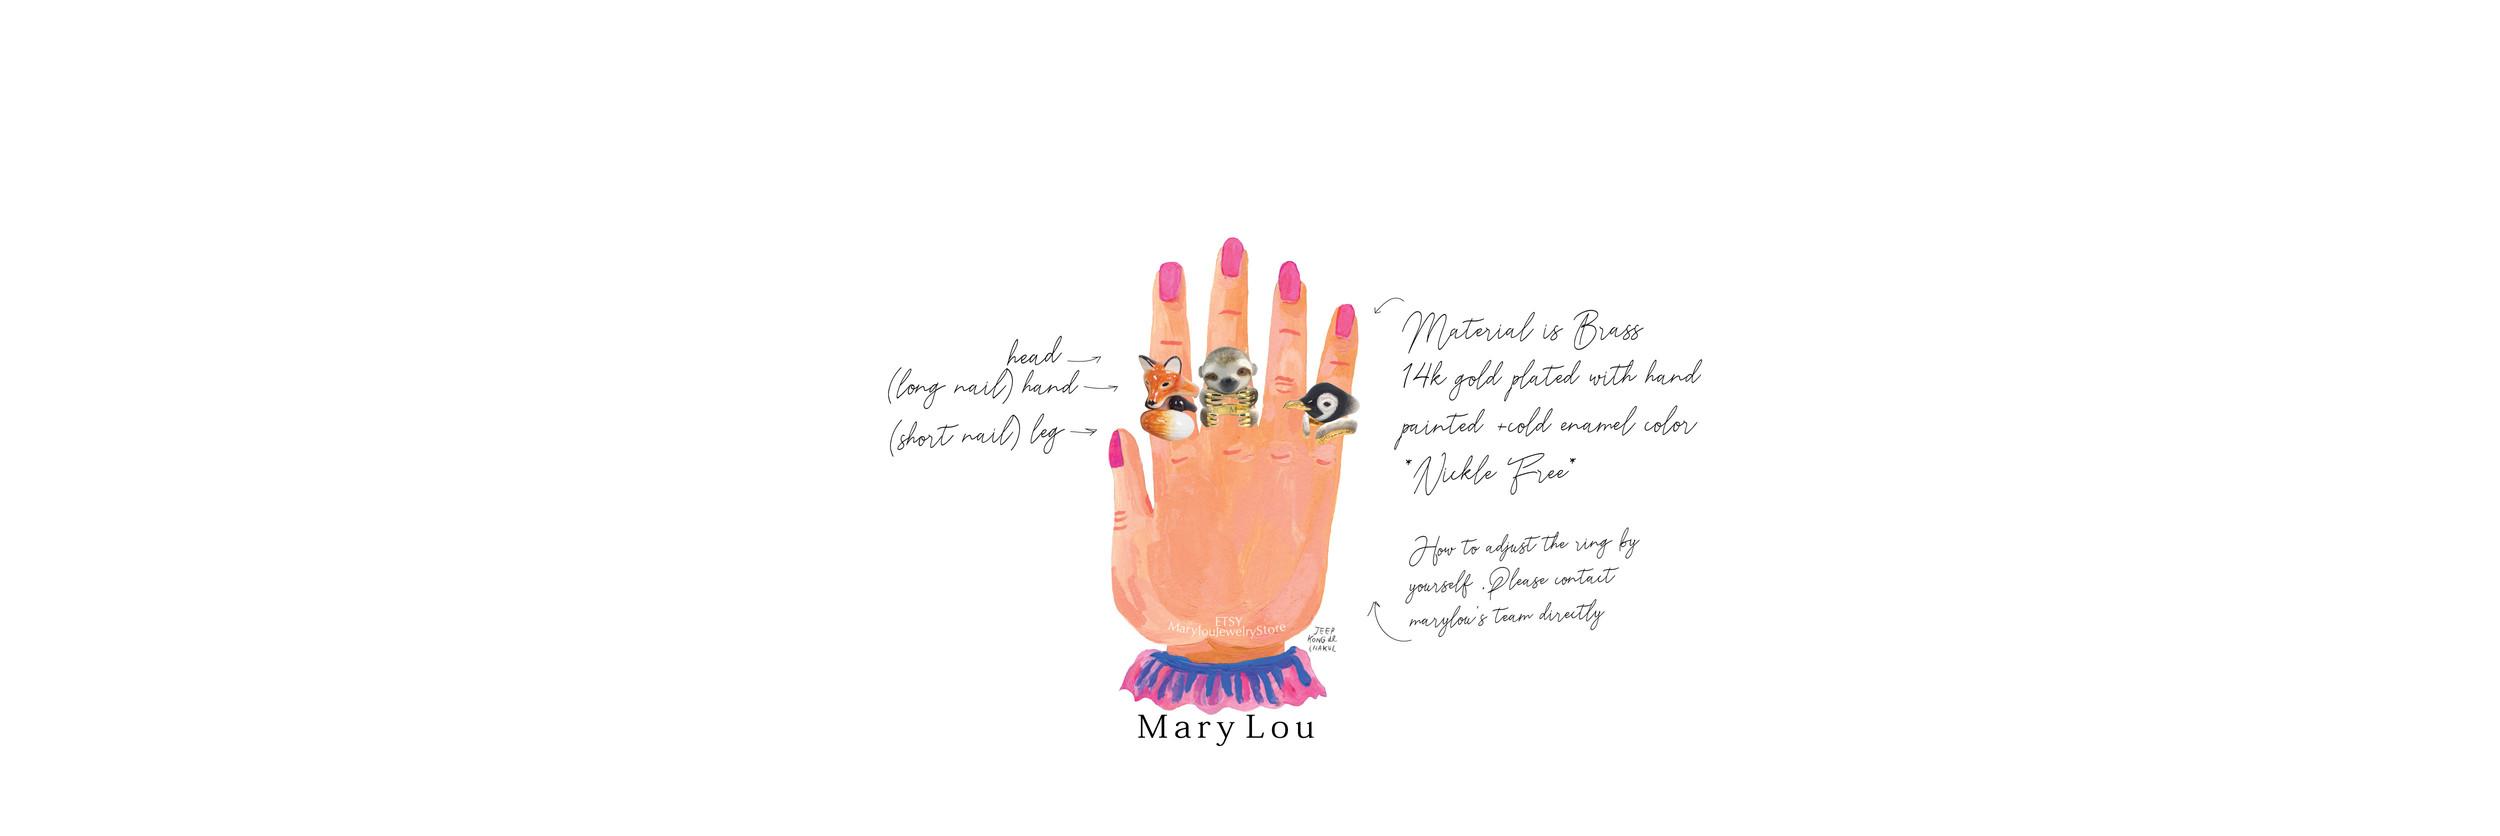 Unique Animal Jewel   Mary Lou   loumarylou com   Thailand